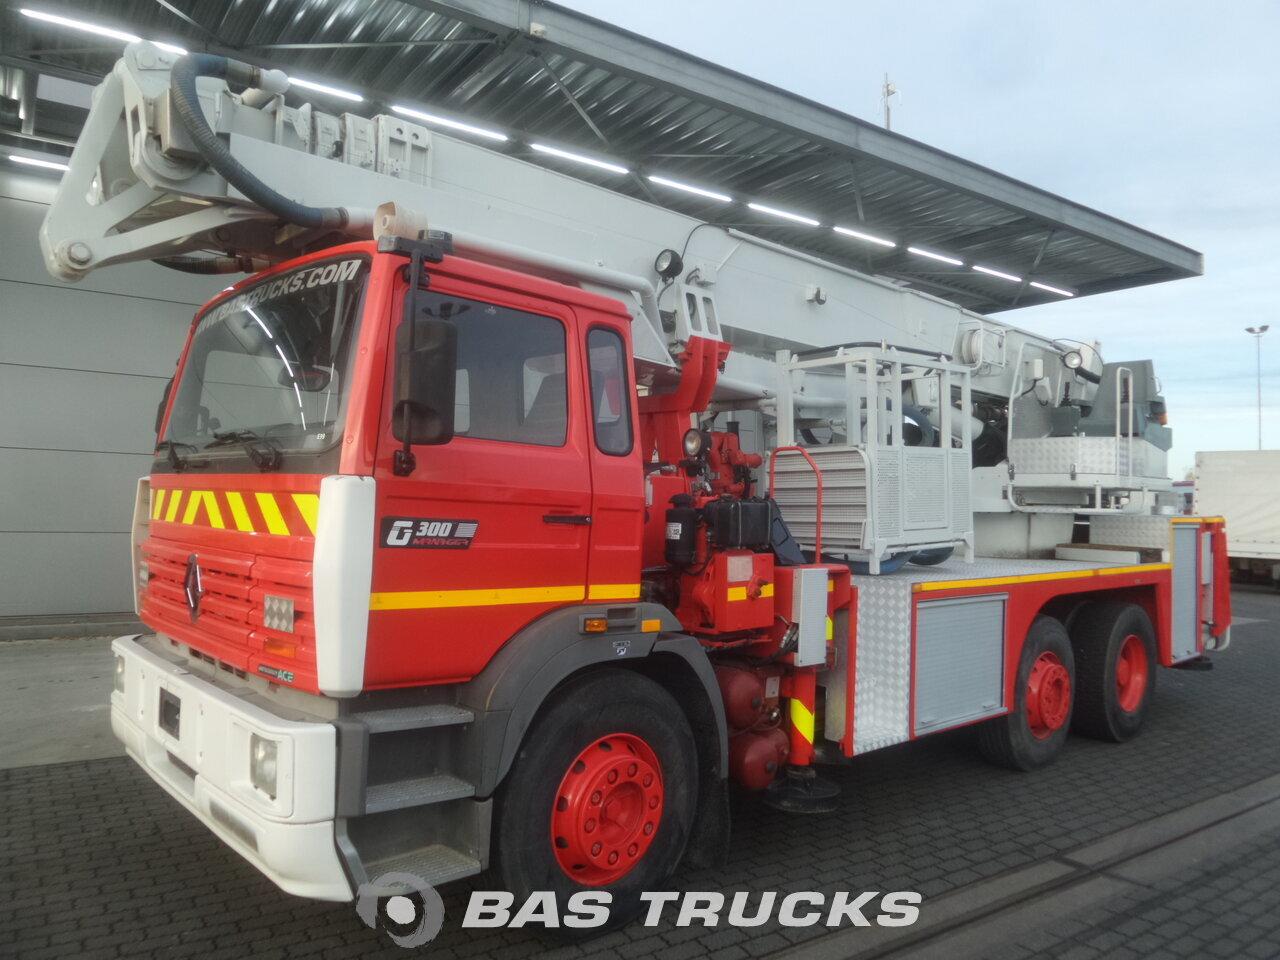 renault g300 camion 46200 bas trucks. Black Bedroom Furniture Sets. Home Design Ideas